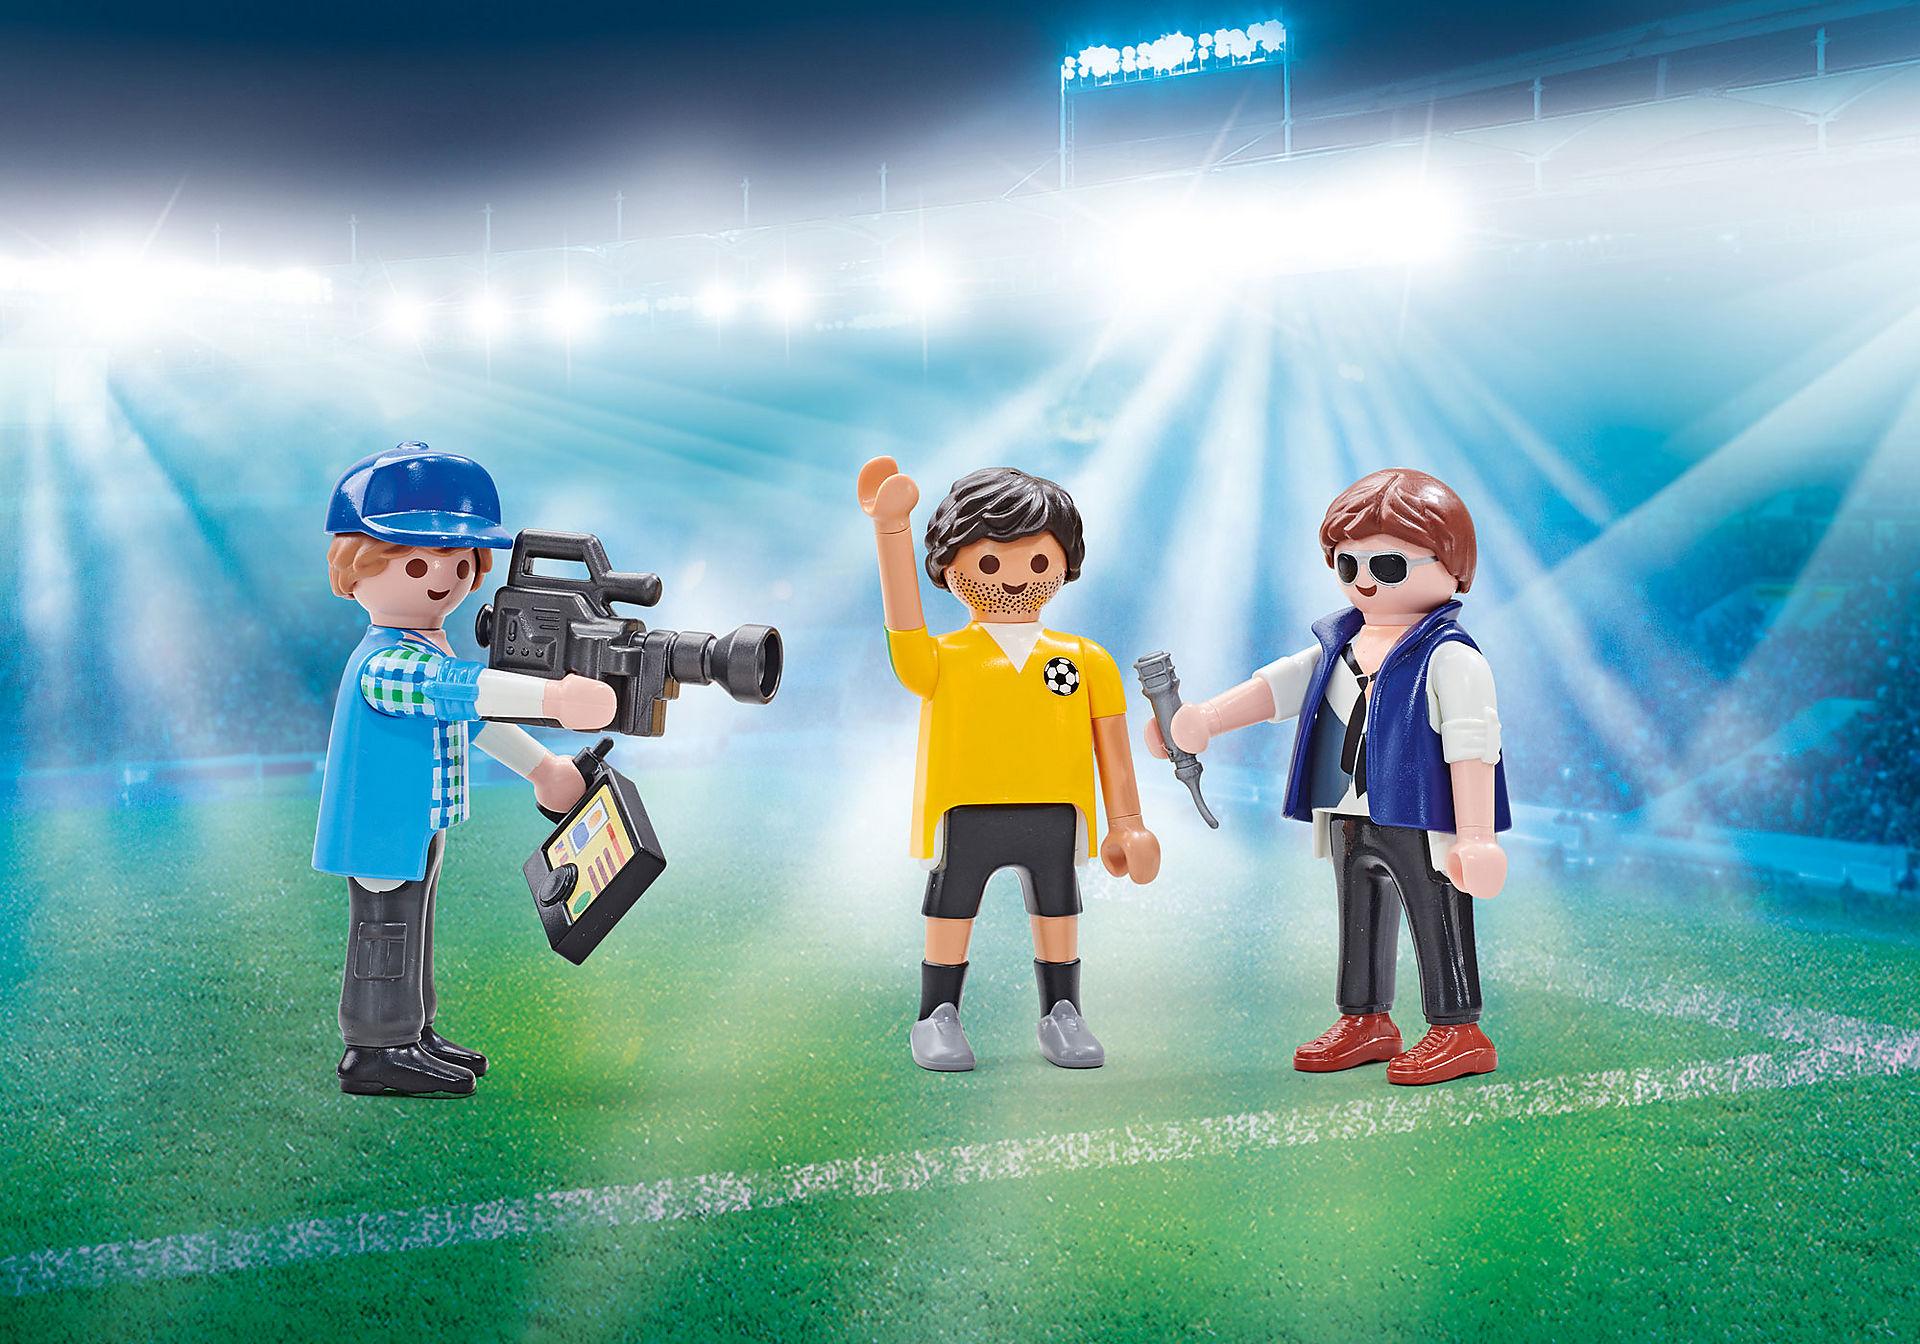 9825 Equipo de Televisión y Futbolista zoom image1